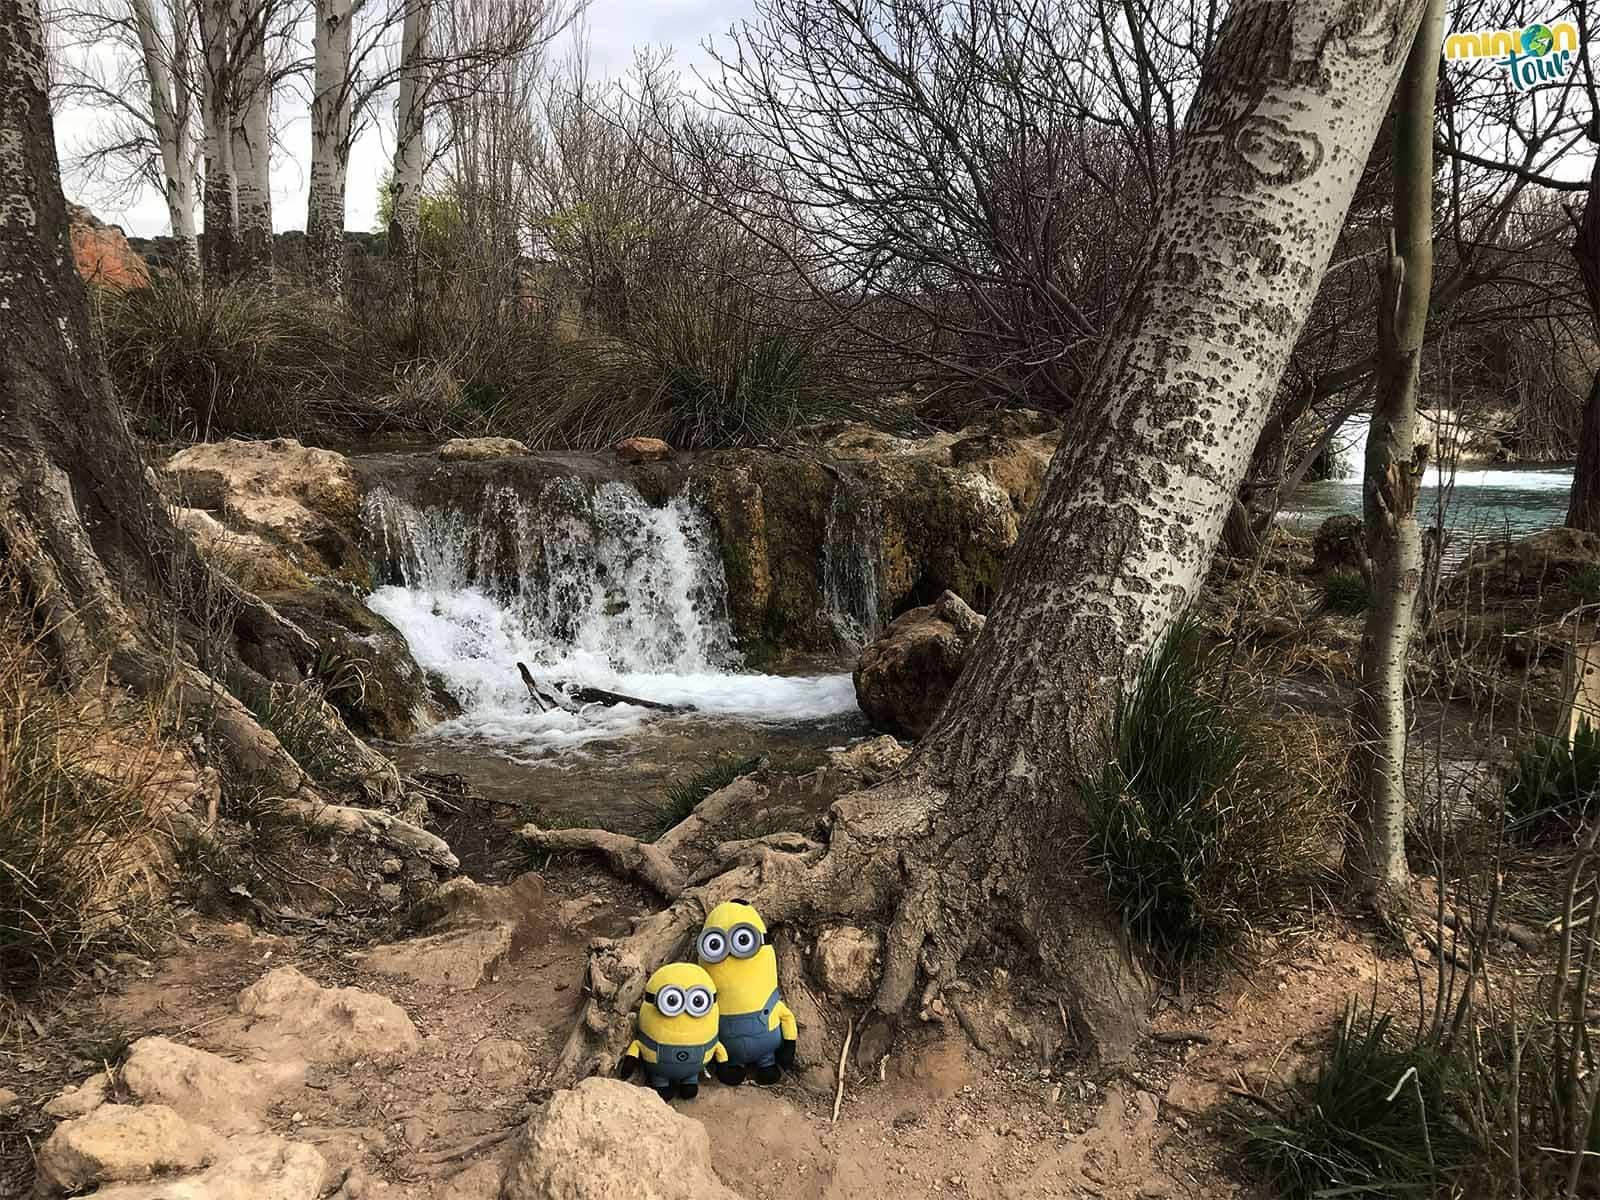 Más cascadas en las Lagunas de Ruidera